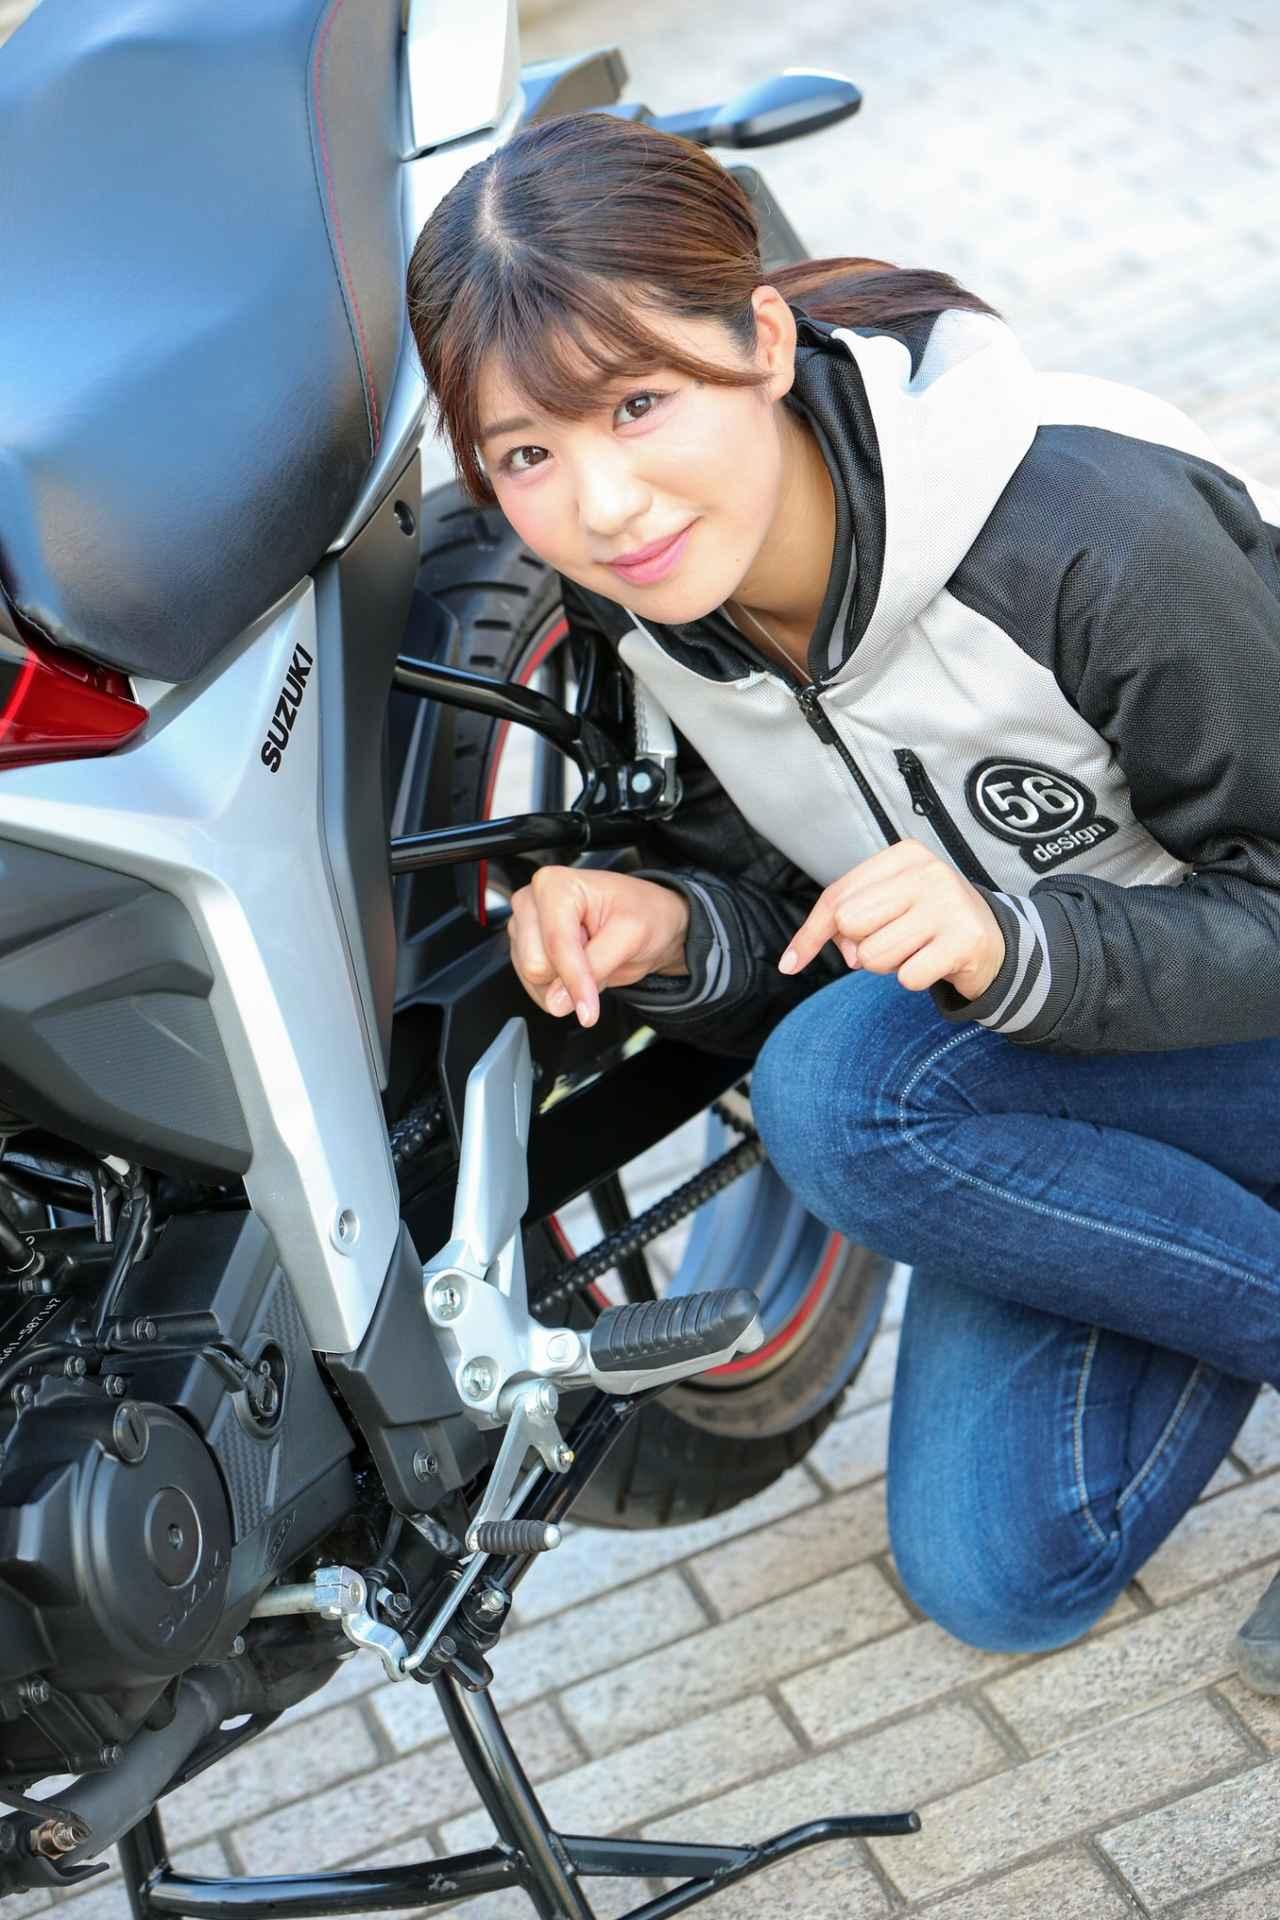 画像6: 「150ccとは思えない!かっこいい!」。 それがジクサーに乗って一番感じた事でした。